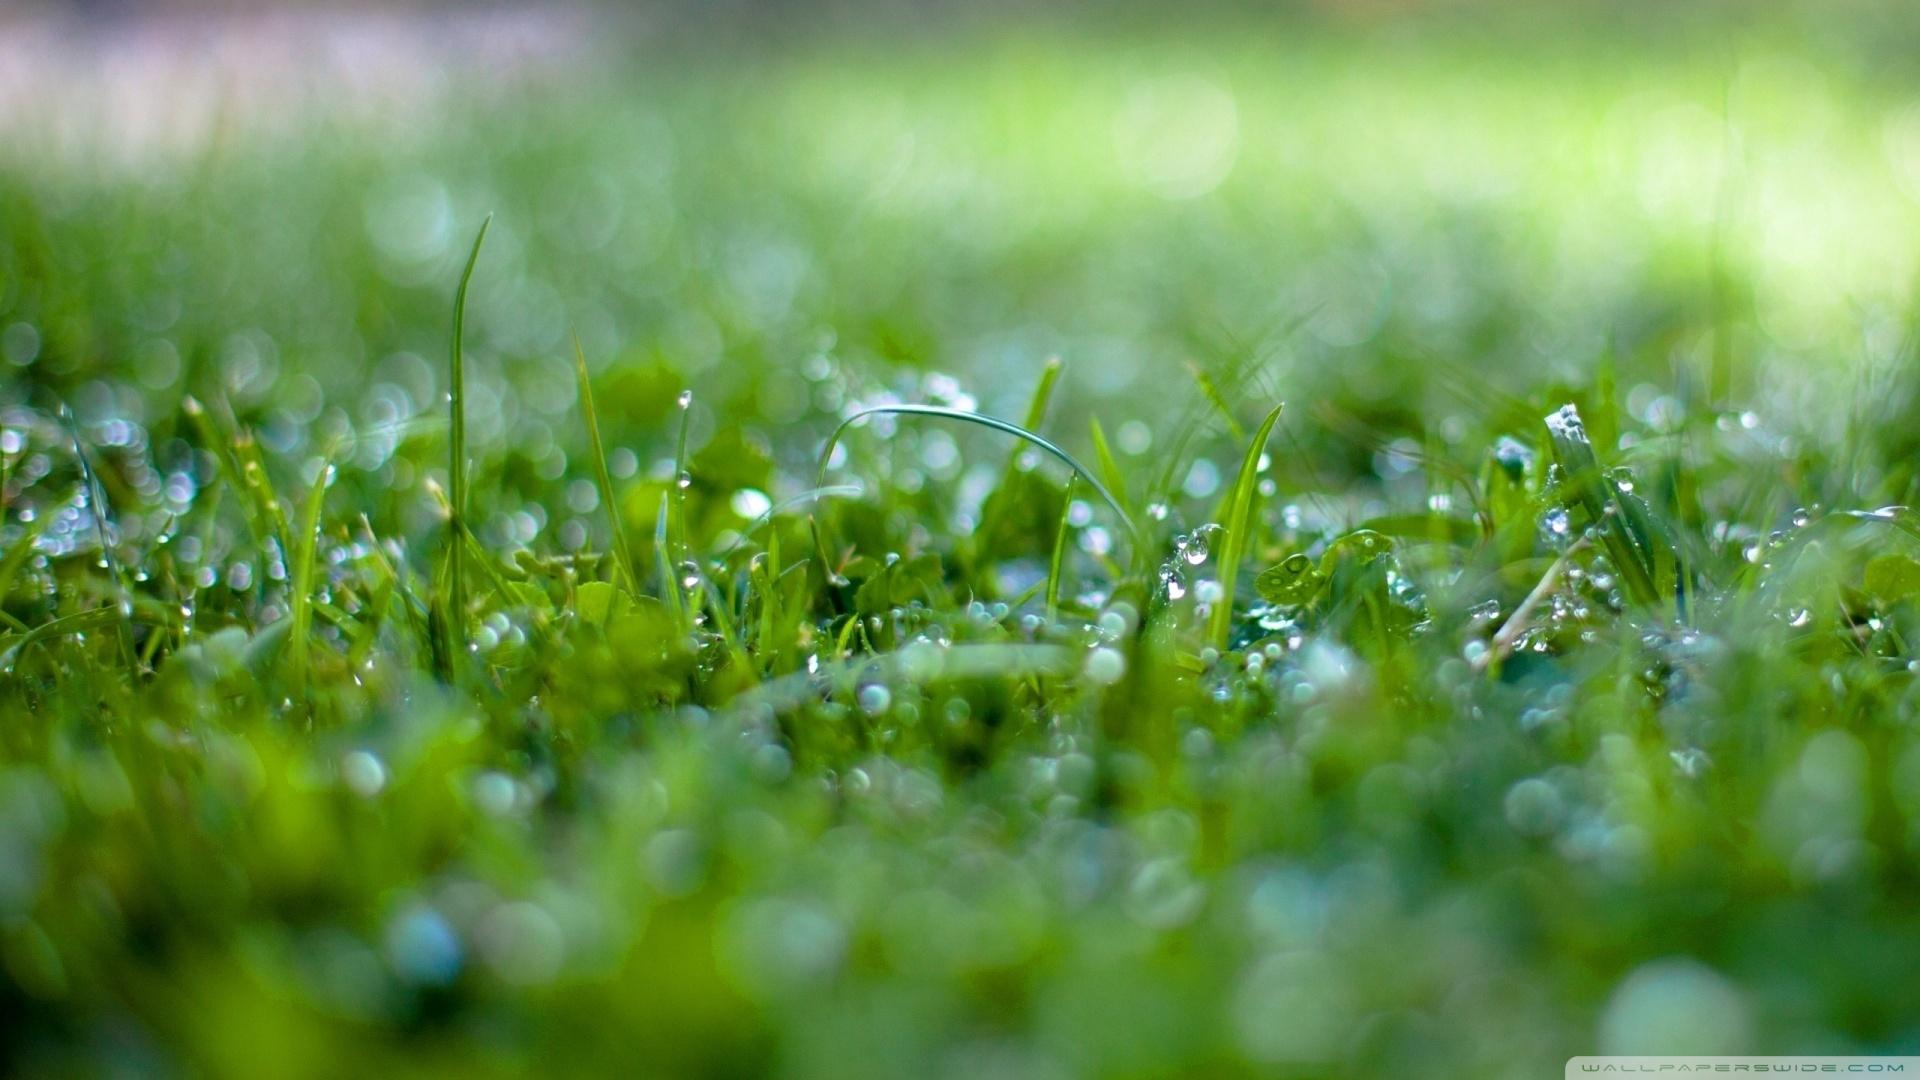 1920x1080 Wet Grass Bokeh 2 wallpaper